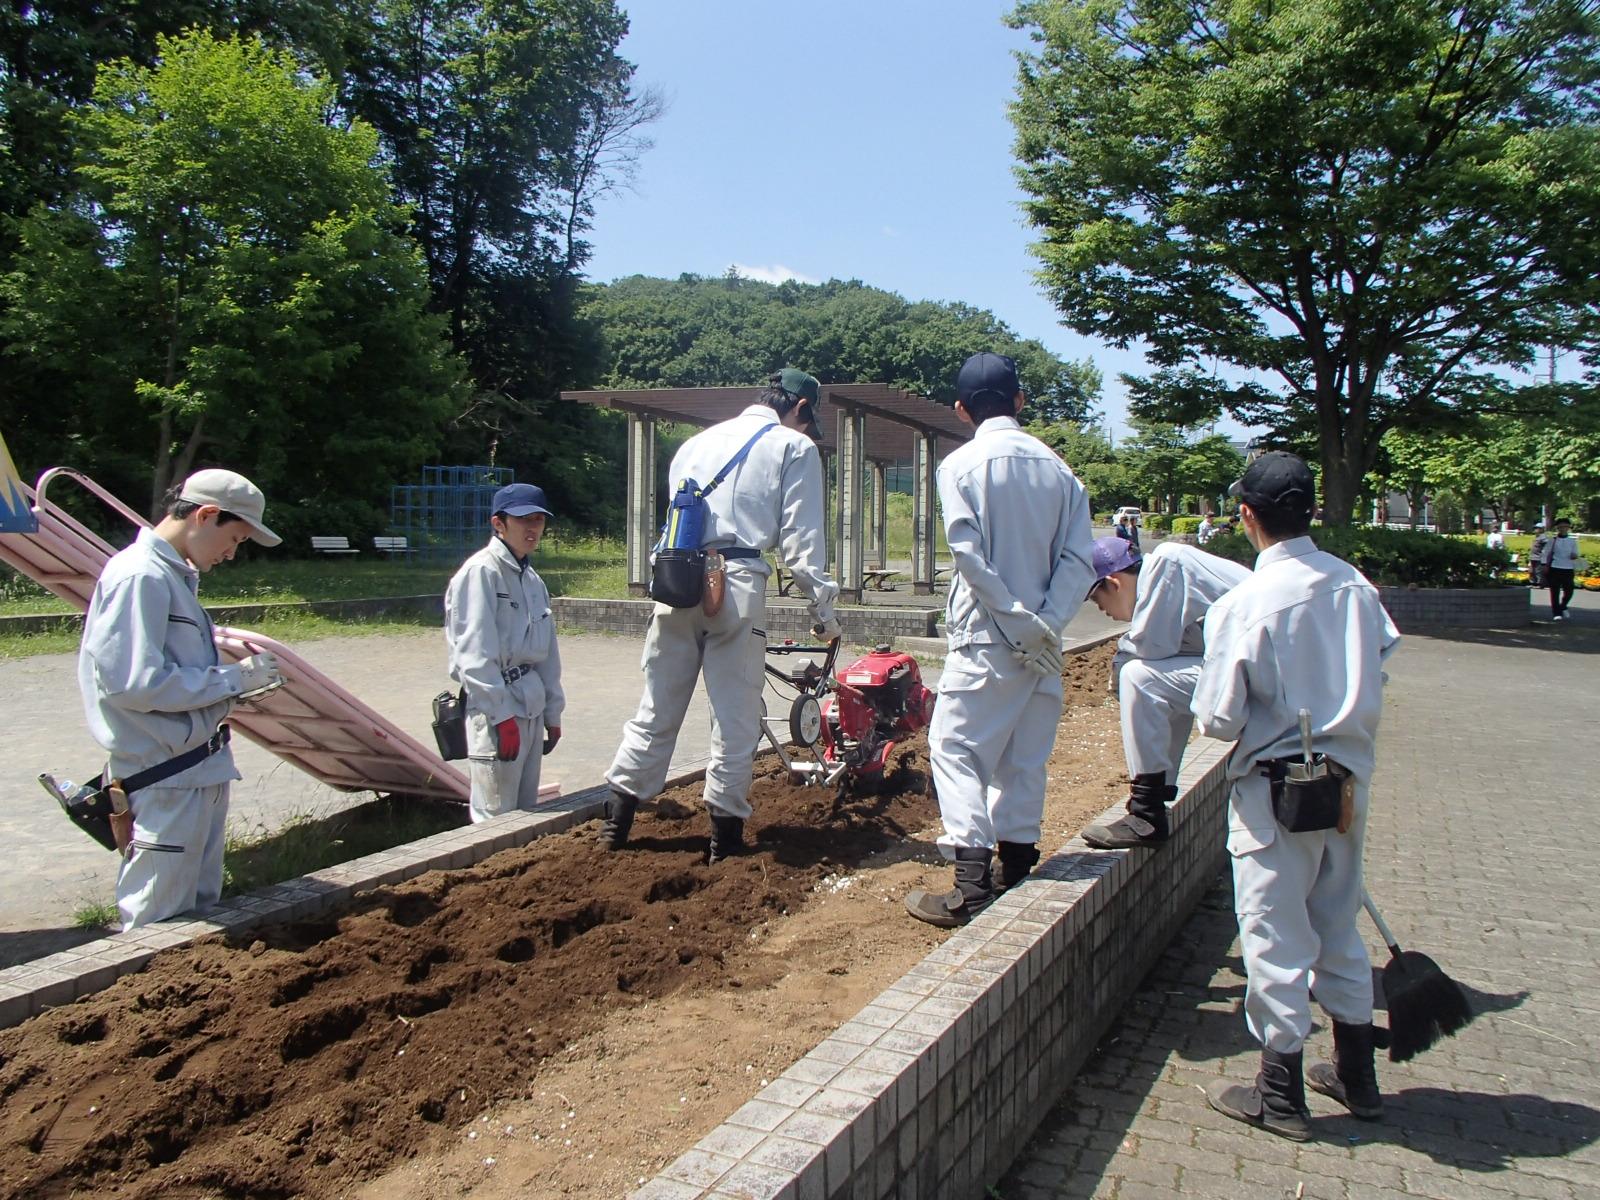 ミニ耕うん機を使用して、土を柔らかくします。